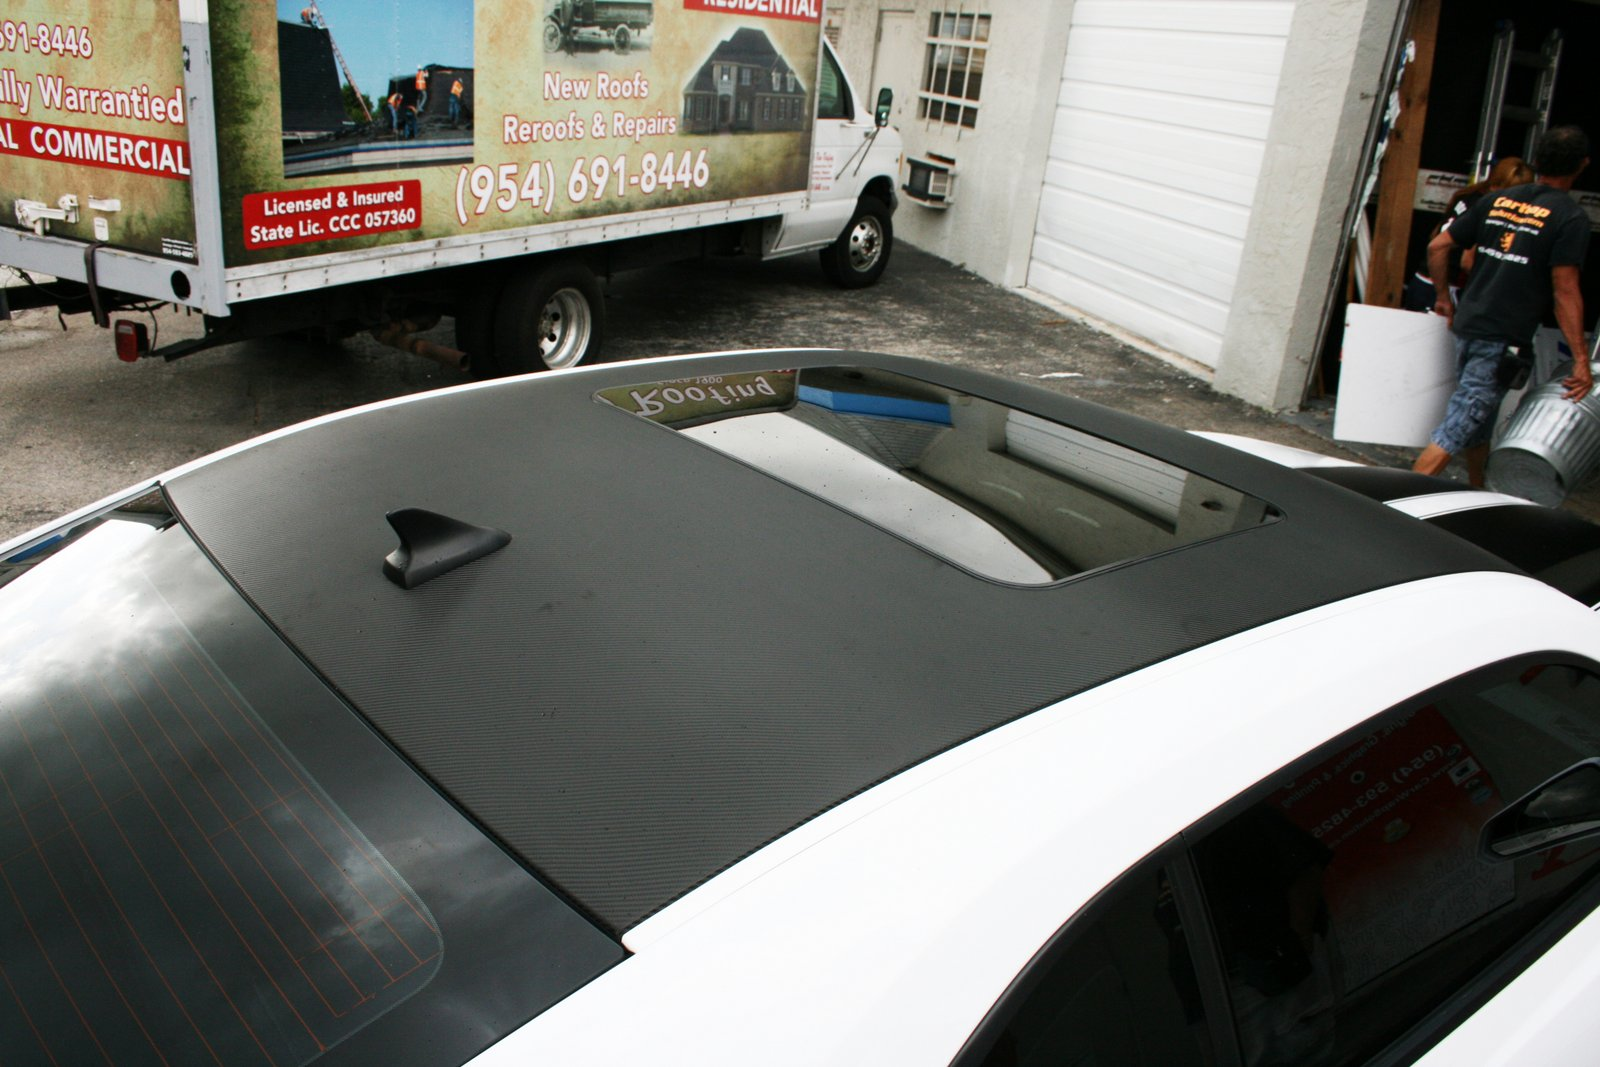 Fort Lauderdale Chevy Camaro Carbon Fiber Wrapped Vinyl Roof Wrap U0026 Carbon  Fiber Mirror Wrap